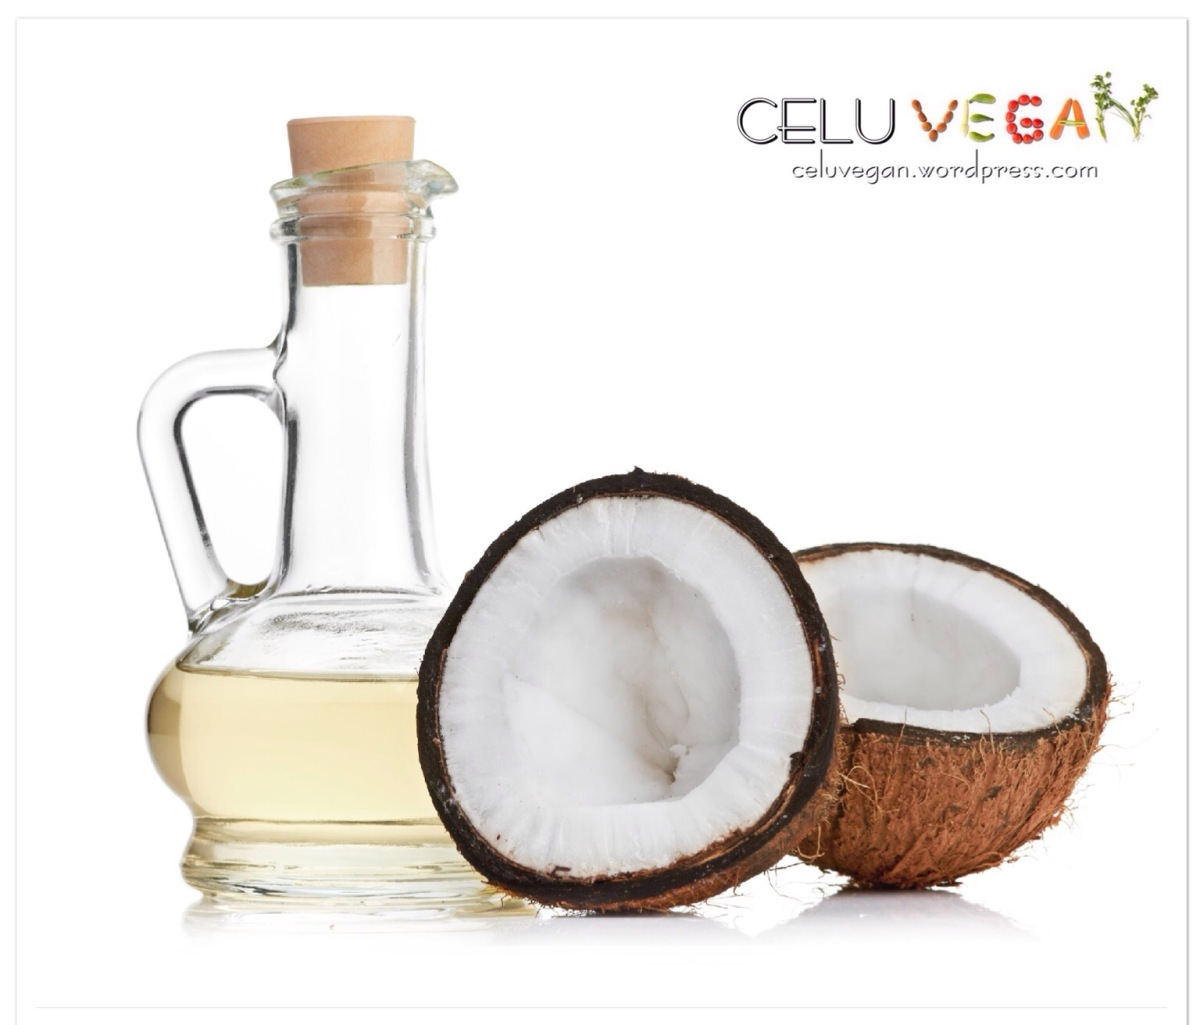 El Asombroso Aceite de Coco: Virgen or Refinado